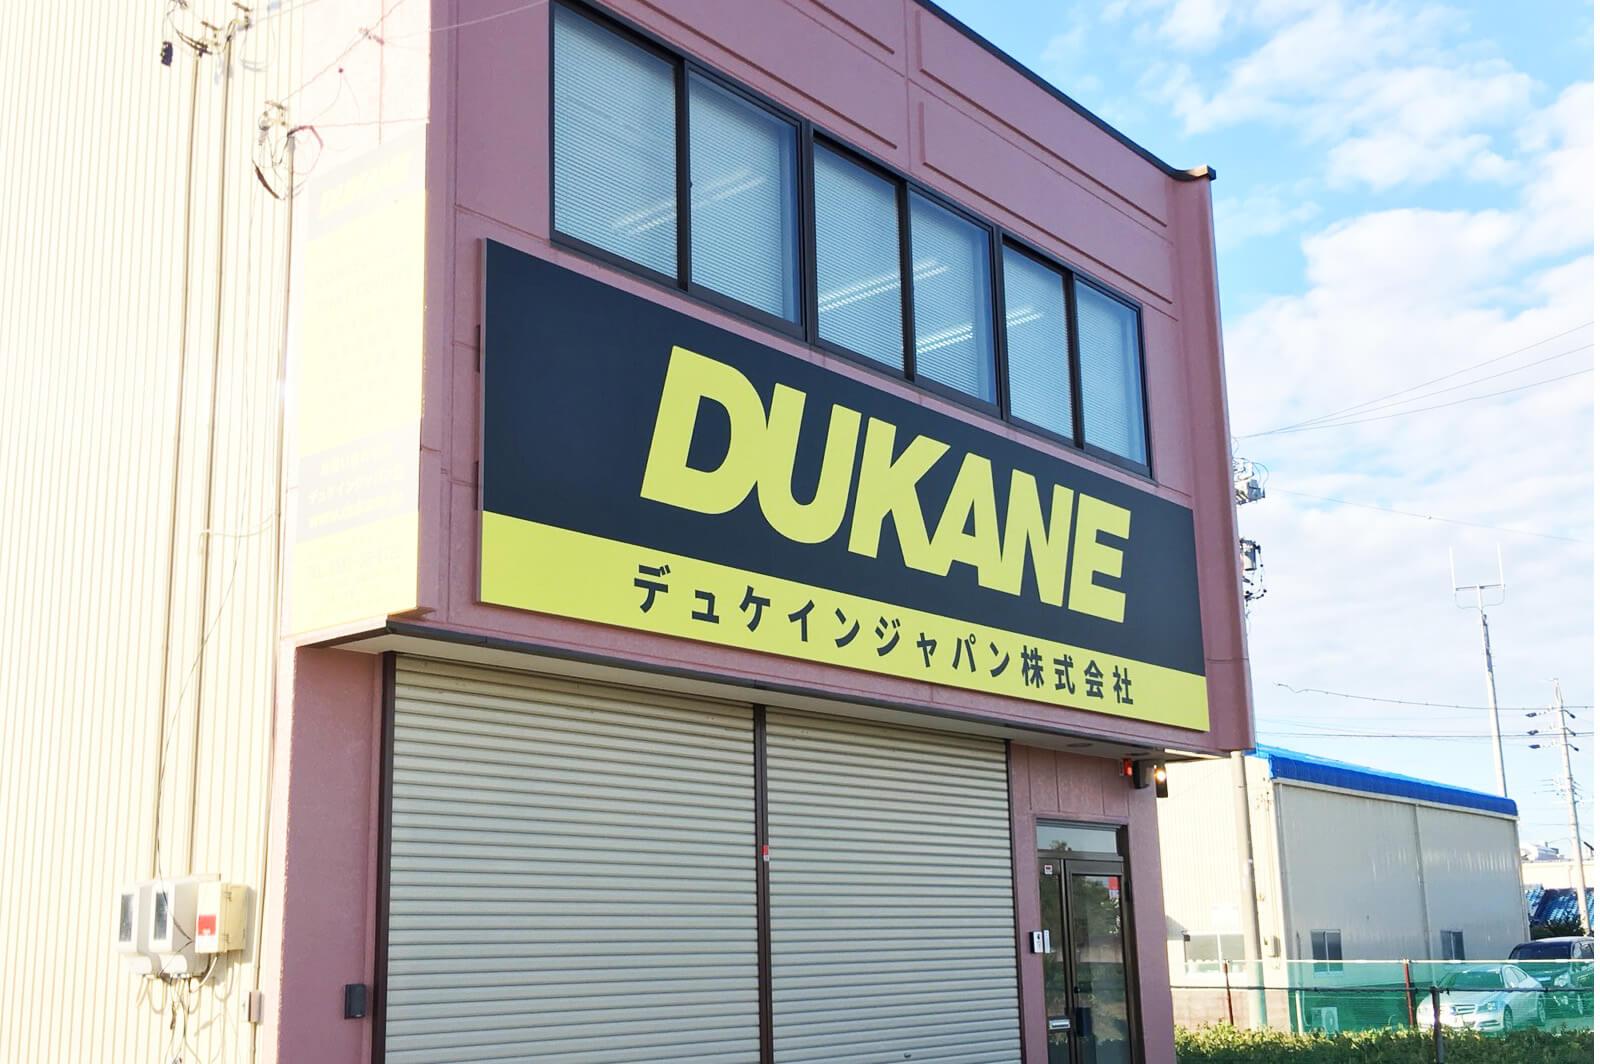 IMG 4091 - 【愛知県】千葉に本社がある会社の新事業所の看板施工を担当させていただきました。